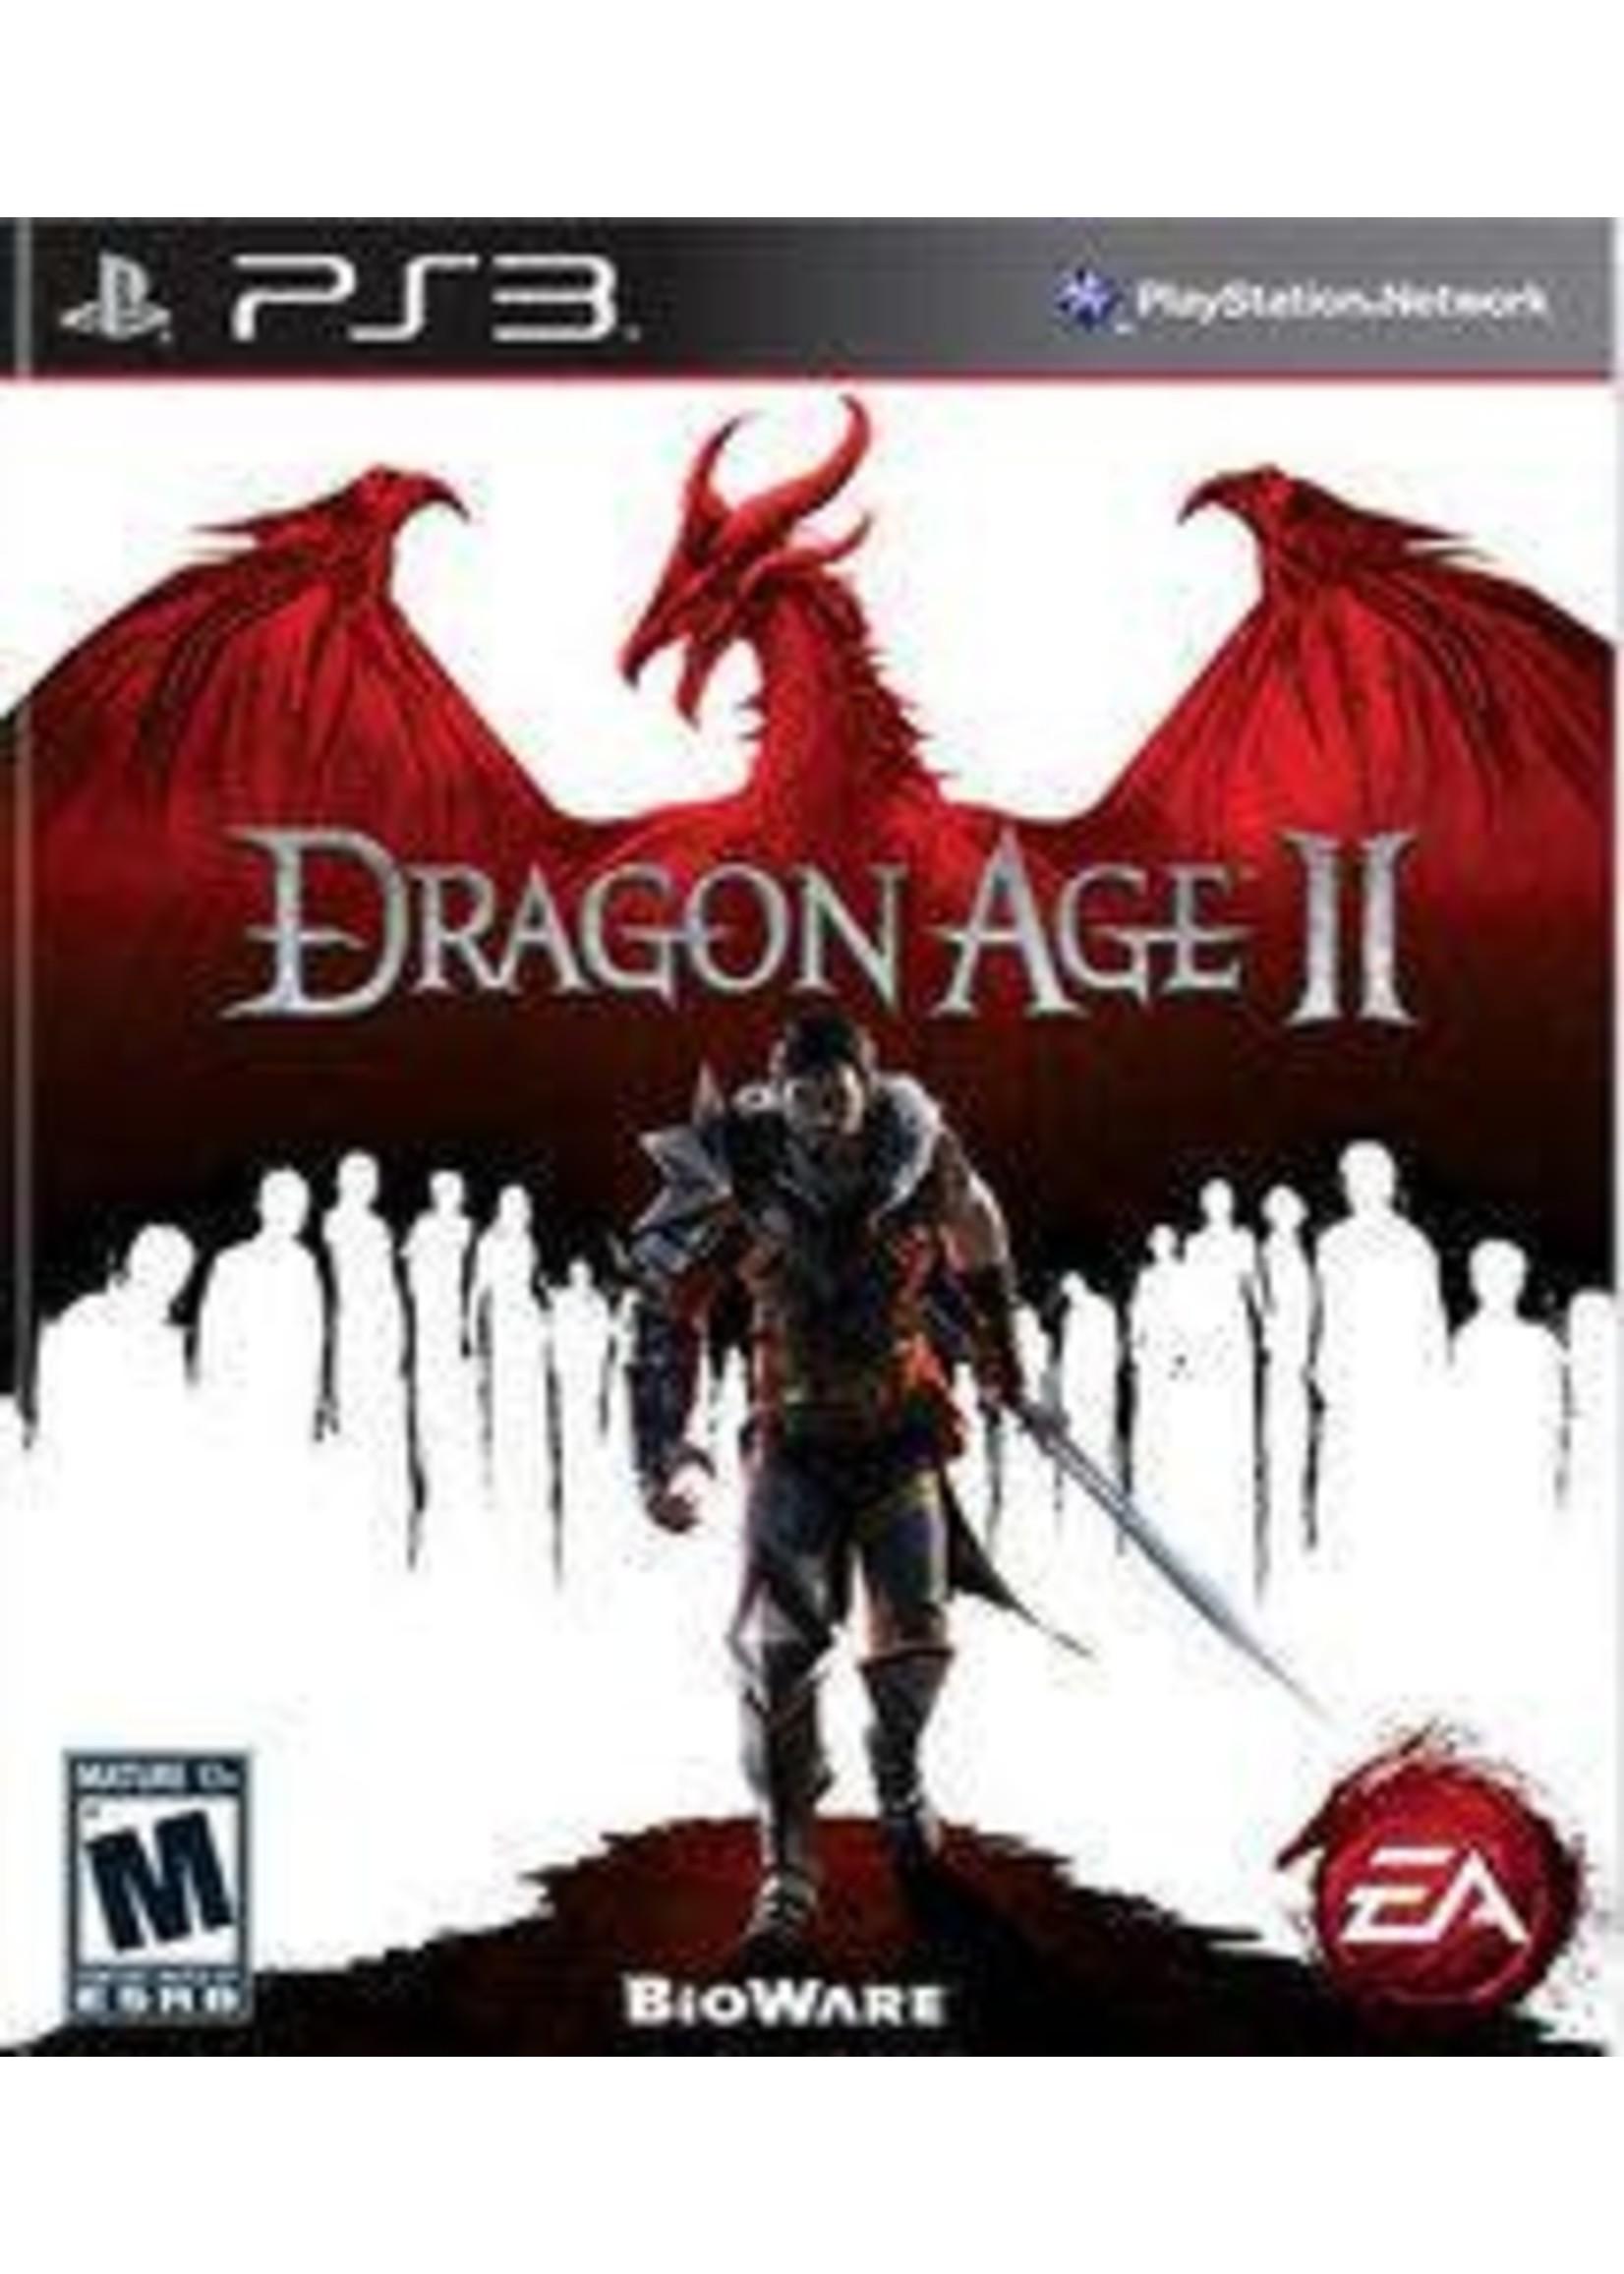 Dragon Age II Playstation 3